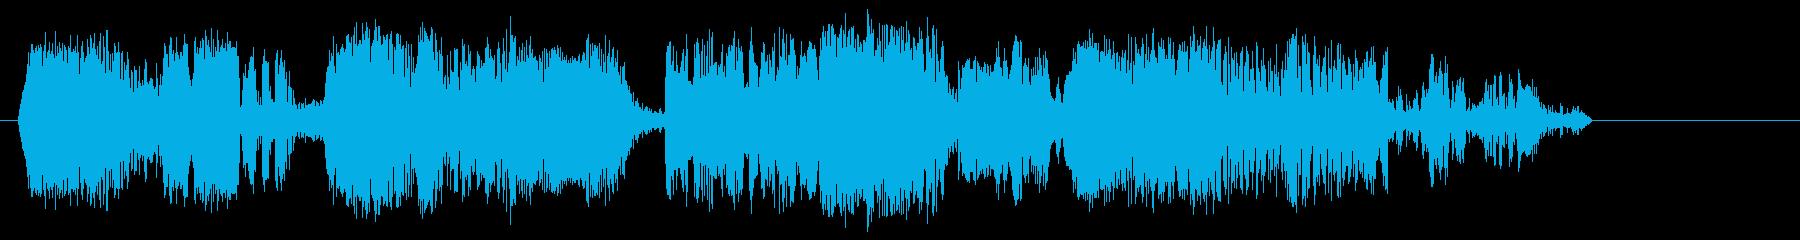 変身=トランスフォームのトリッキーな音源の再生済みの波形